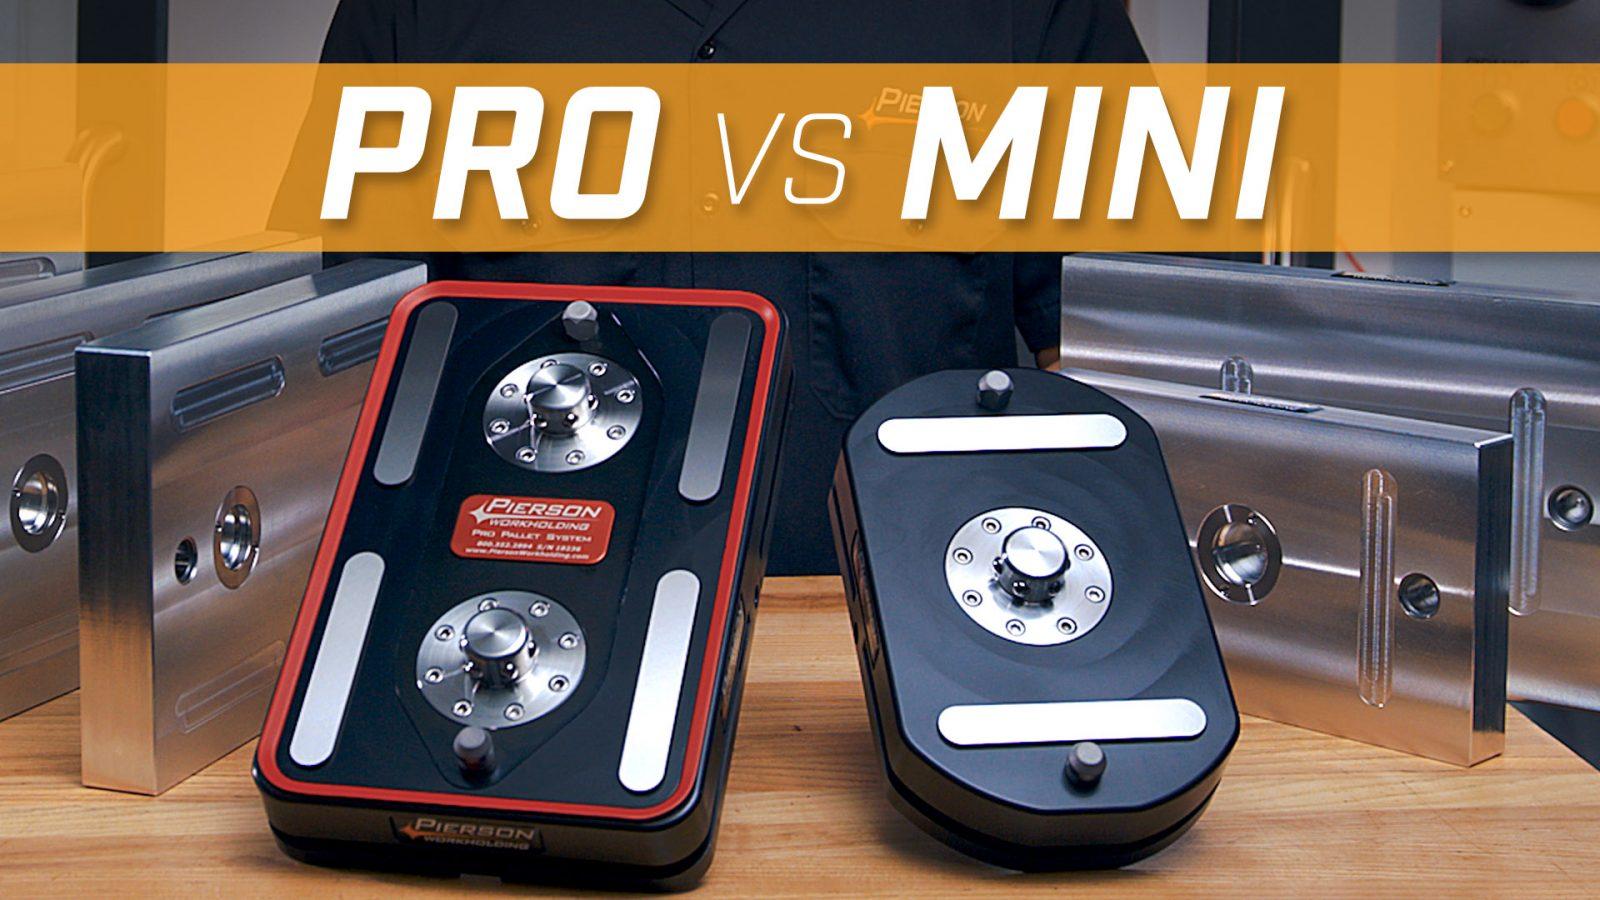 Pro VS Mini